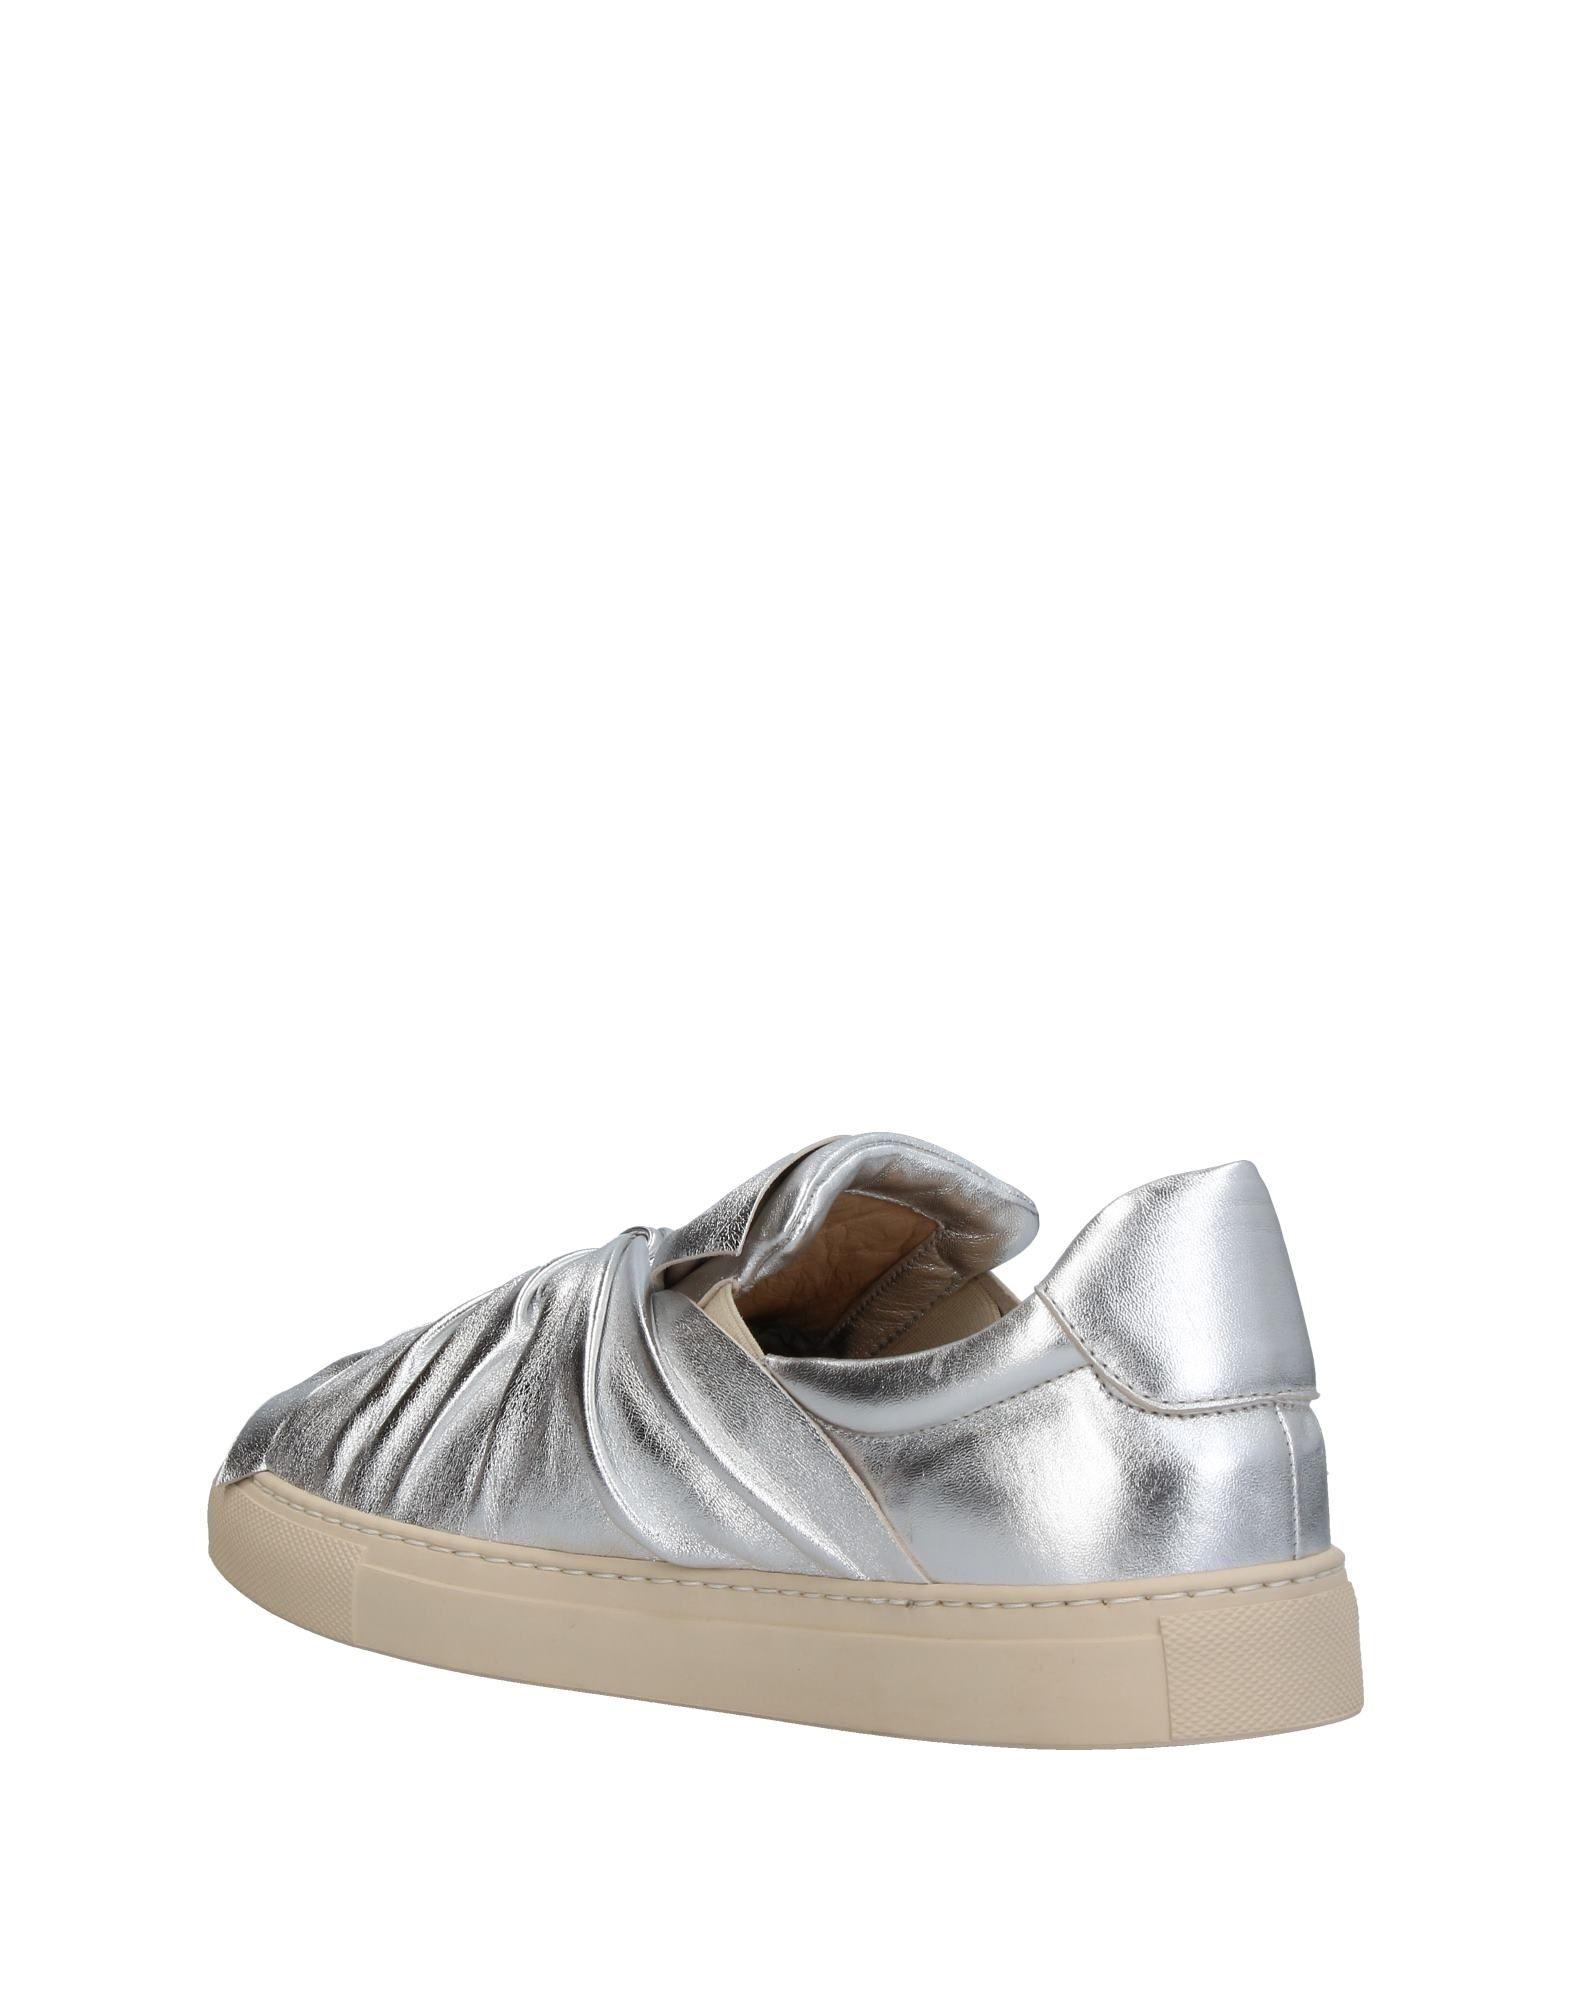 Ports 1961 Sneakers Damen  Schuhe 11416827TFGünstige gut aussehende Schuhe  872d76